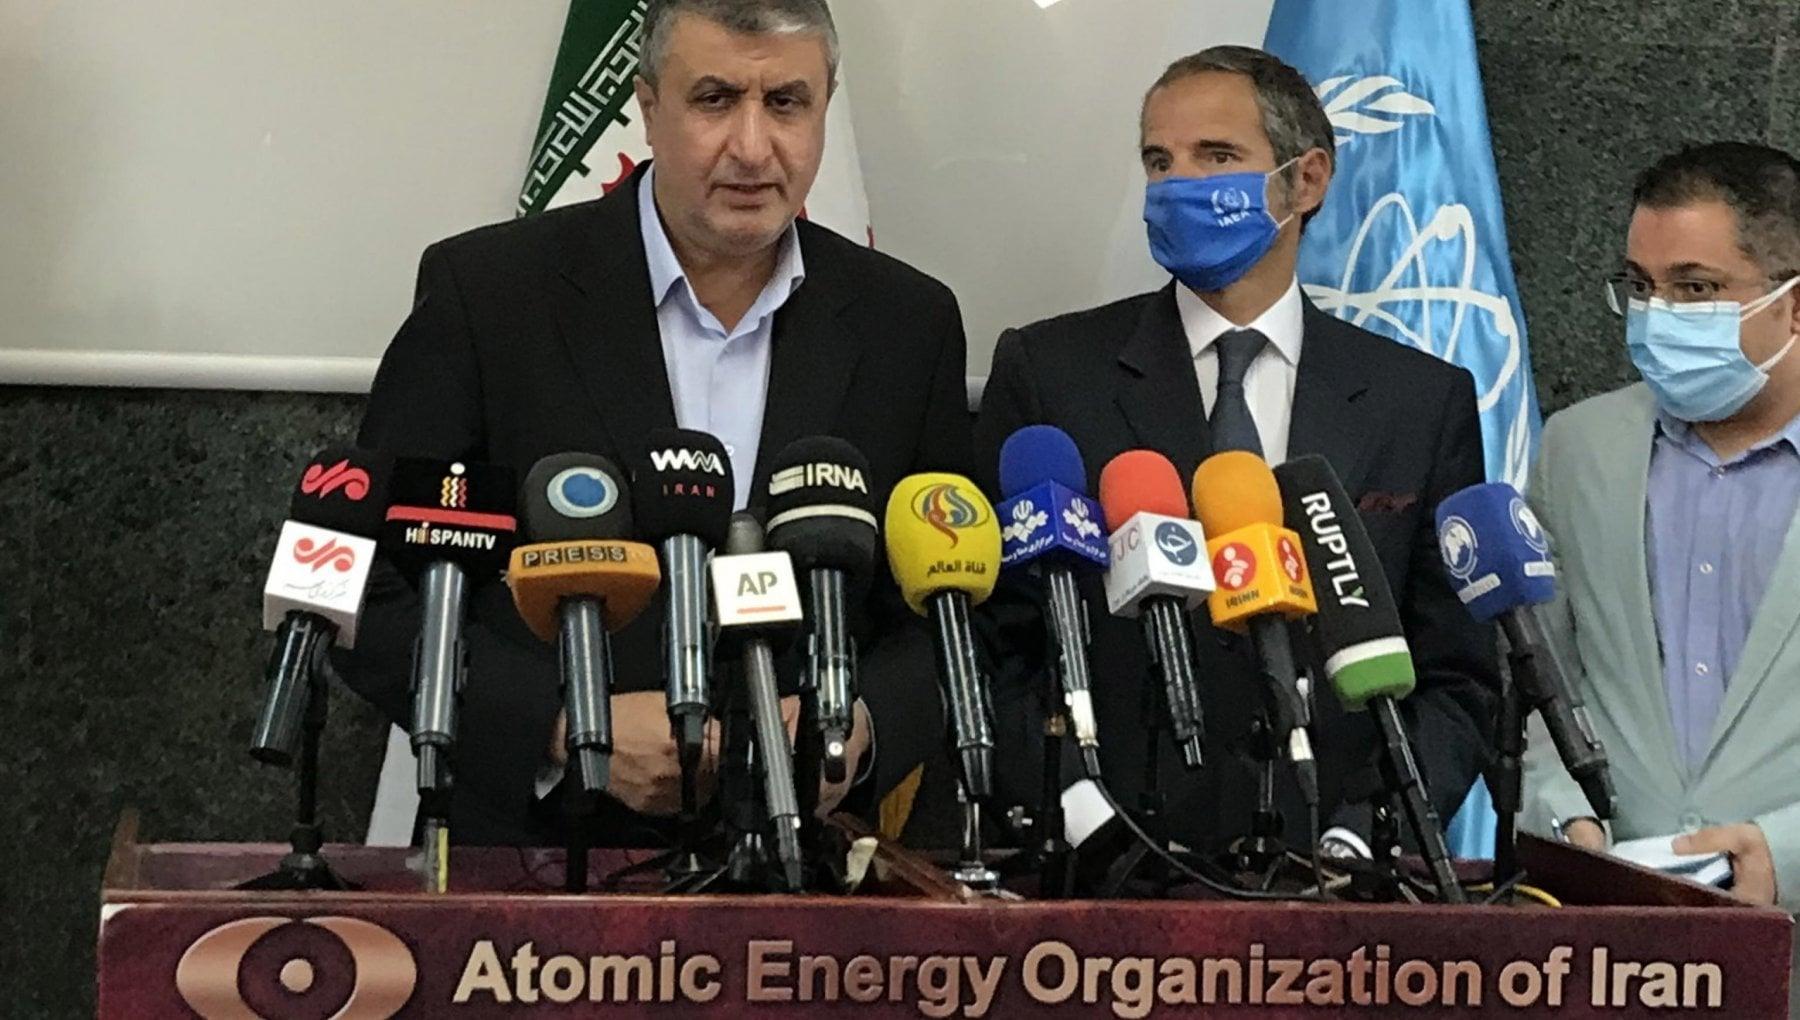 """144122545 00cdb6a8 cb5d 4626 9f18 89c766bc64d5 - Nucleare iraniano, Gantz apre sul negoziato: """"Potremmo accettare un accordo"""""""